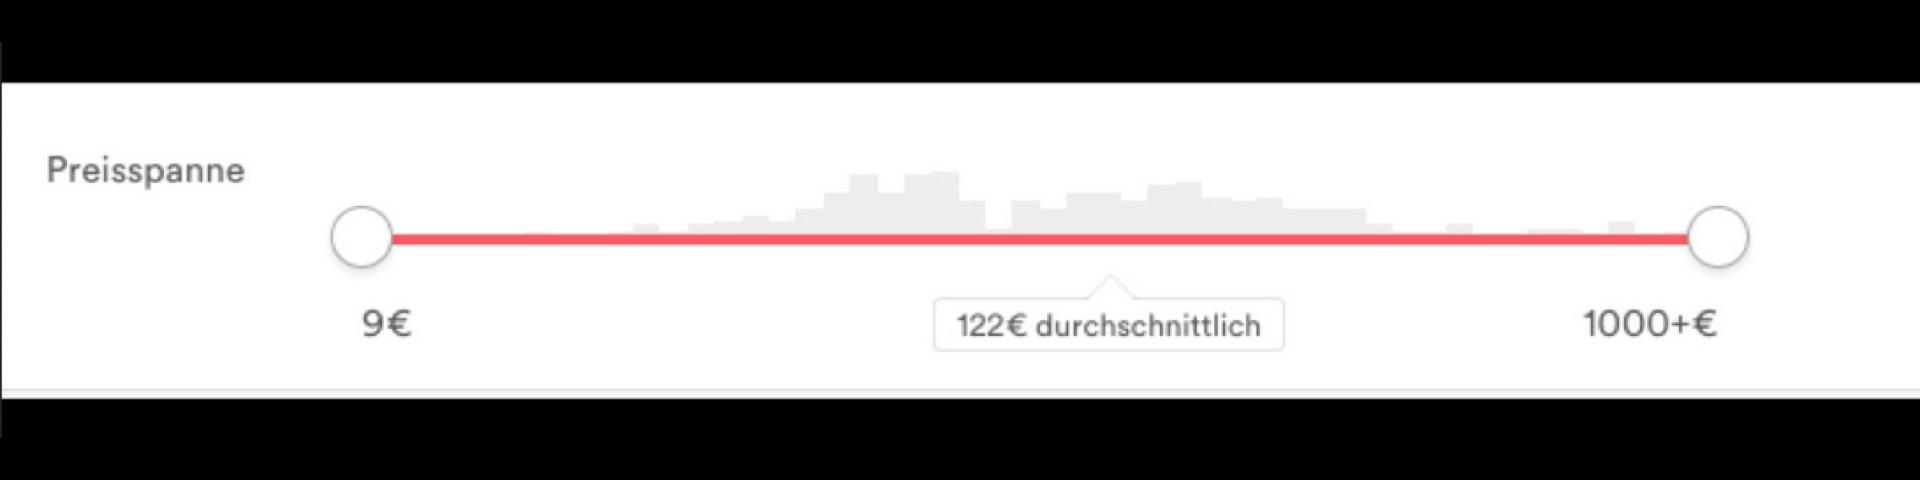 Airbnb - Regler Preisspanne